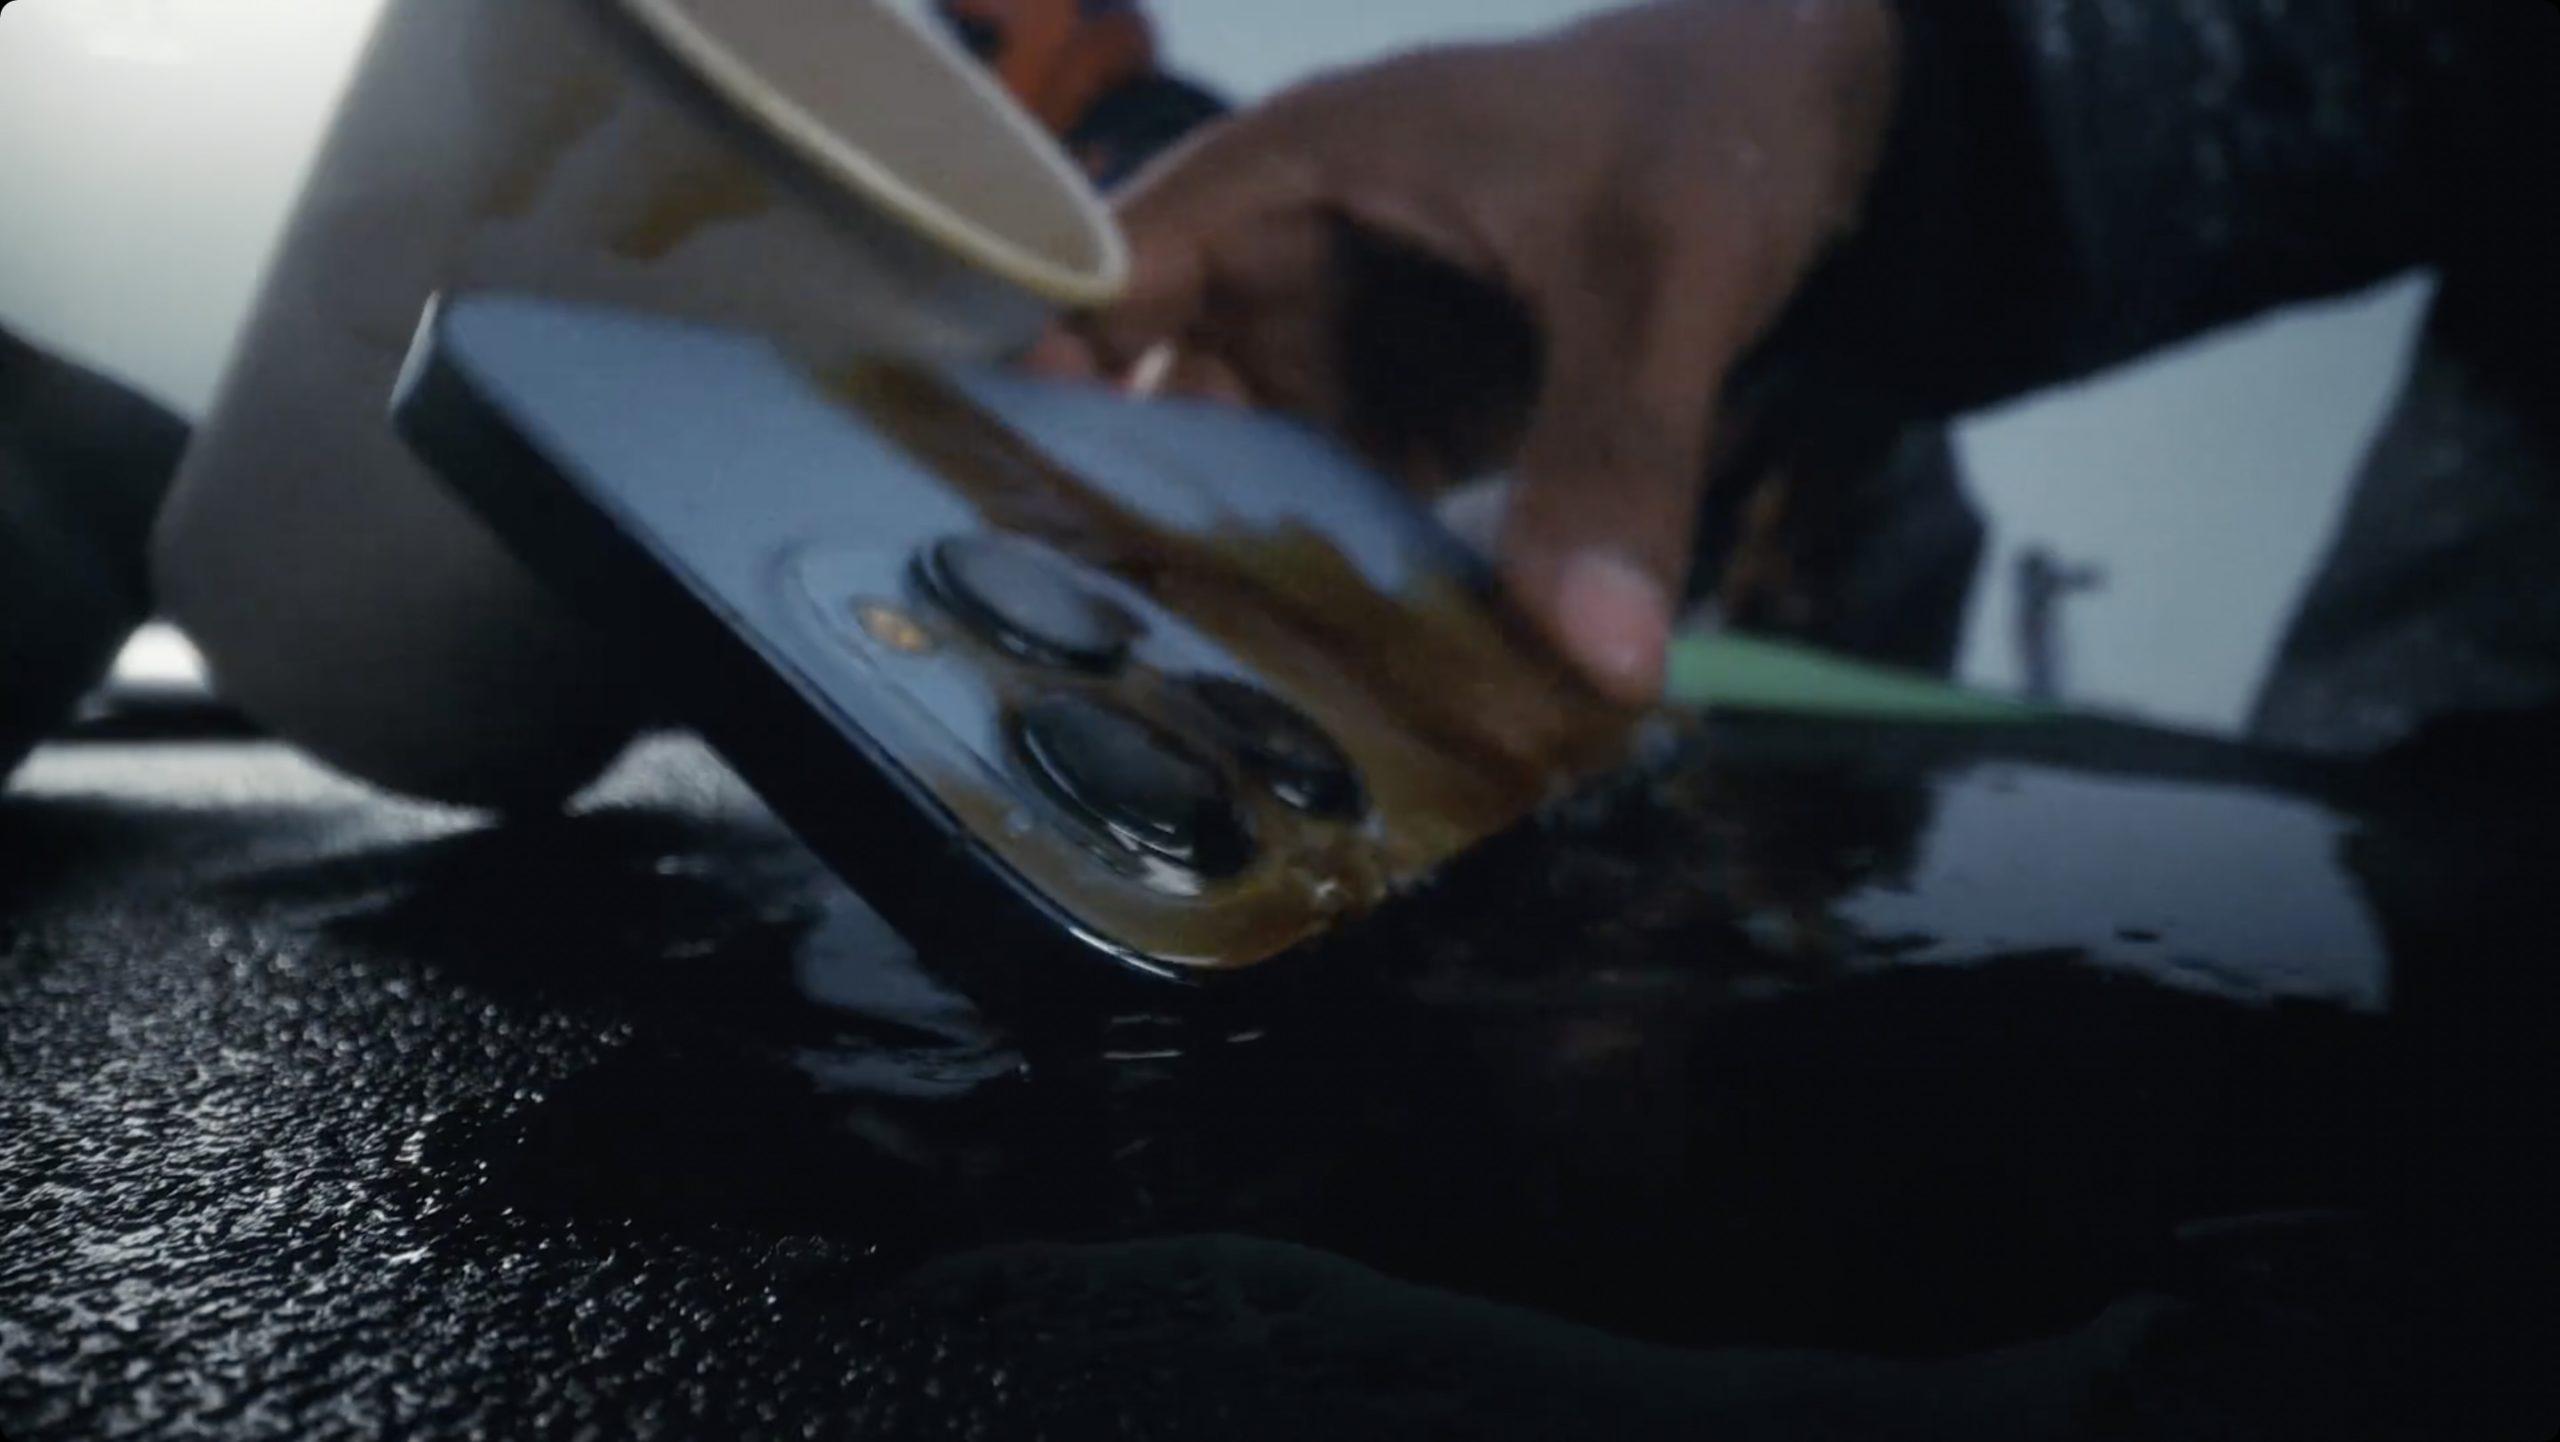 Ist das iPhone 13 Pro wasserdicht, wenn in der Werbung Kaffee darüber gegossen wird?